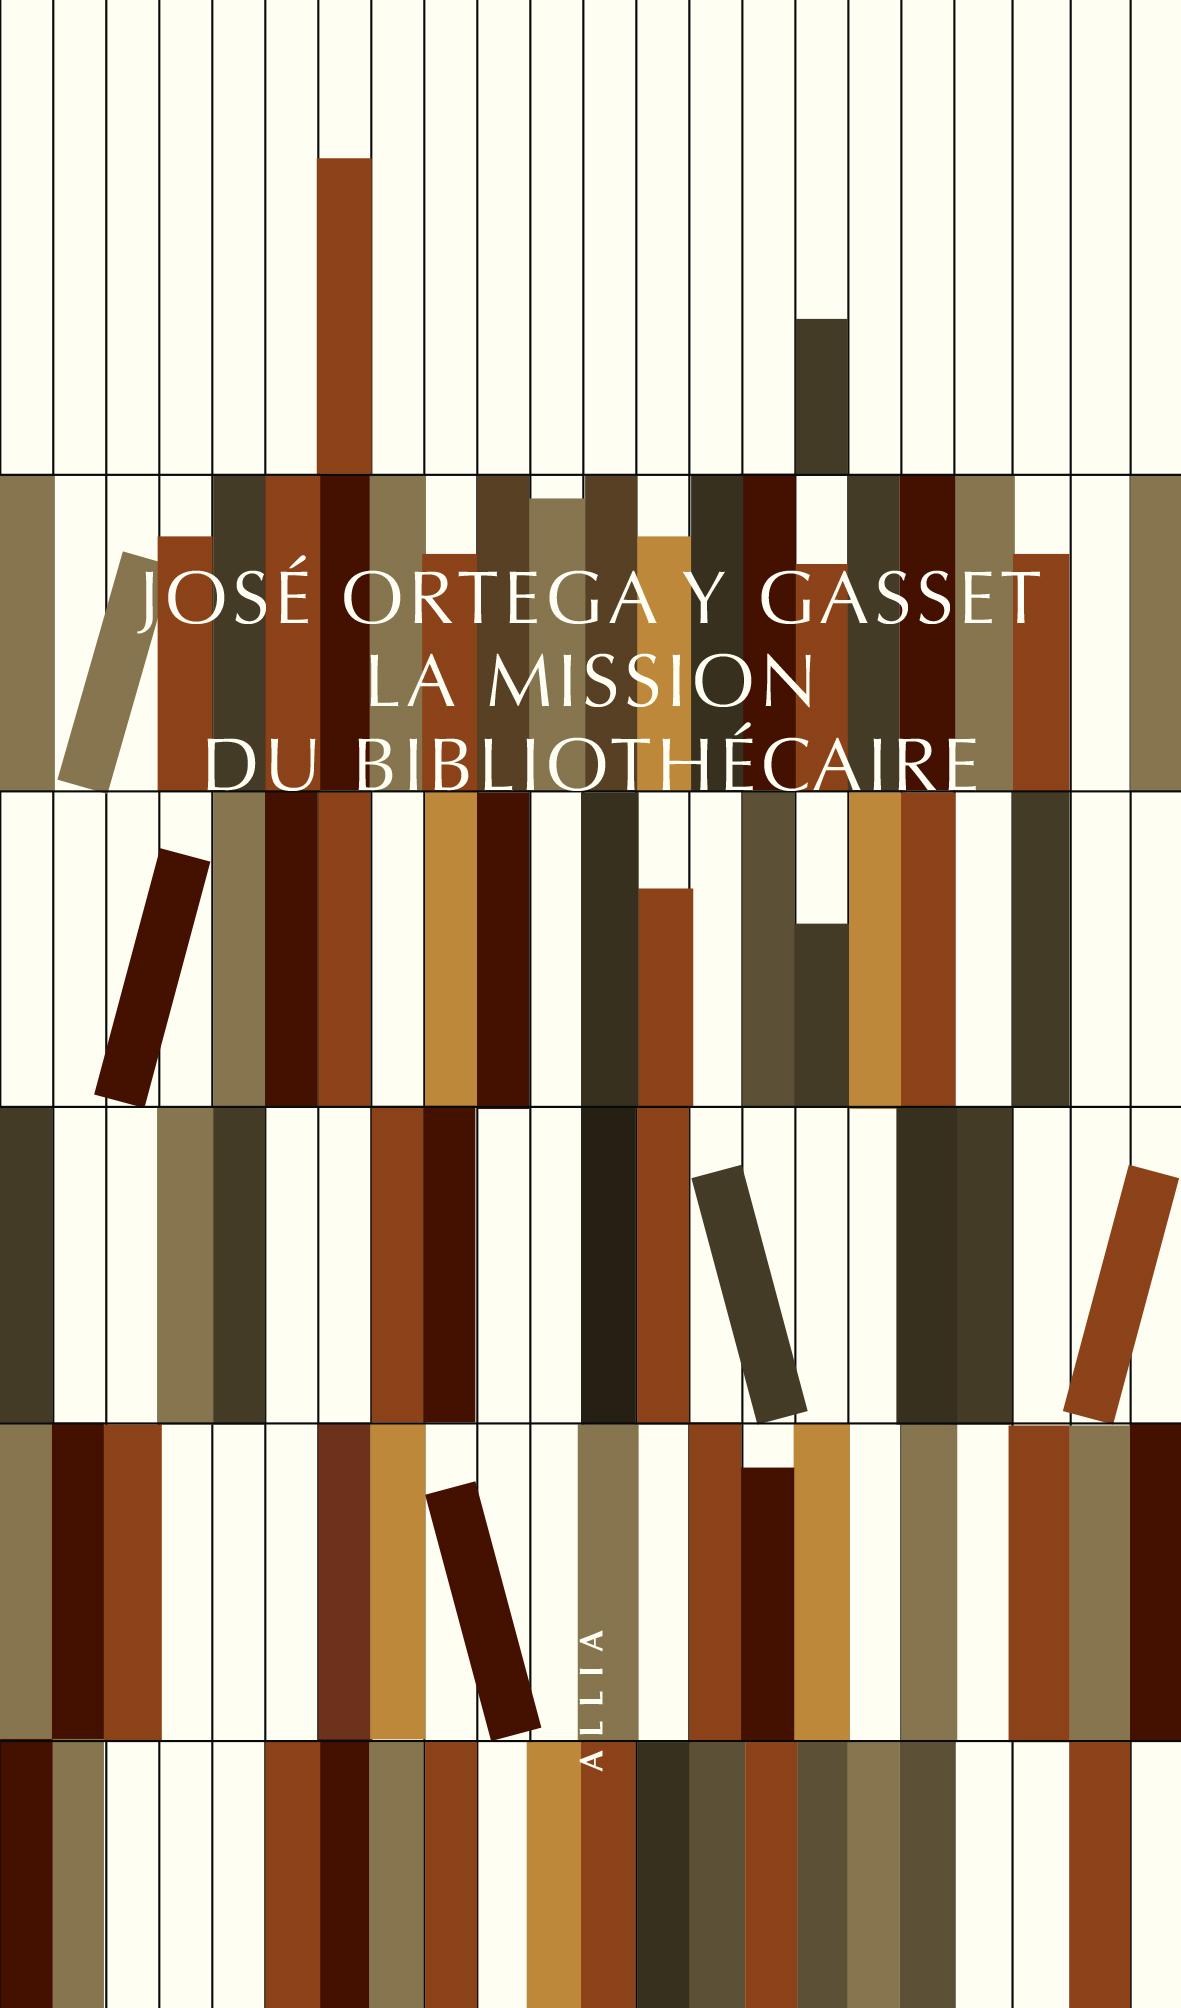 J. Ortega y Gasset, La Mission du bibliothécaire